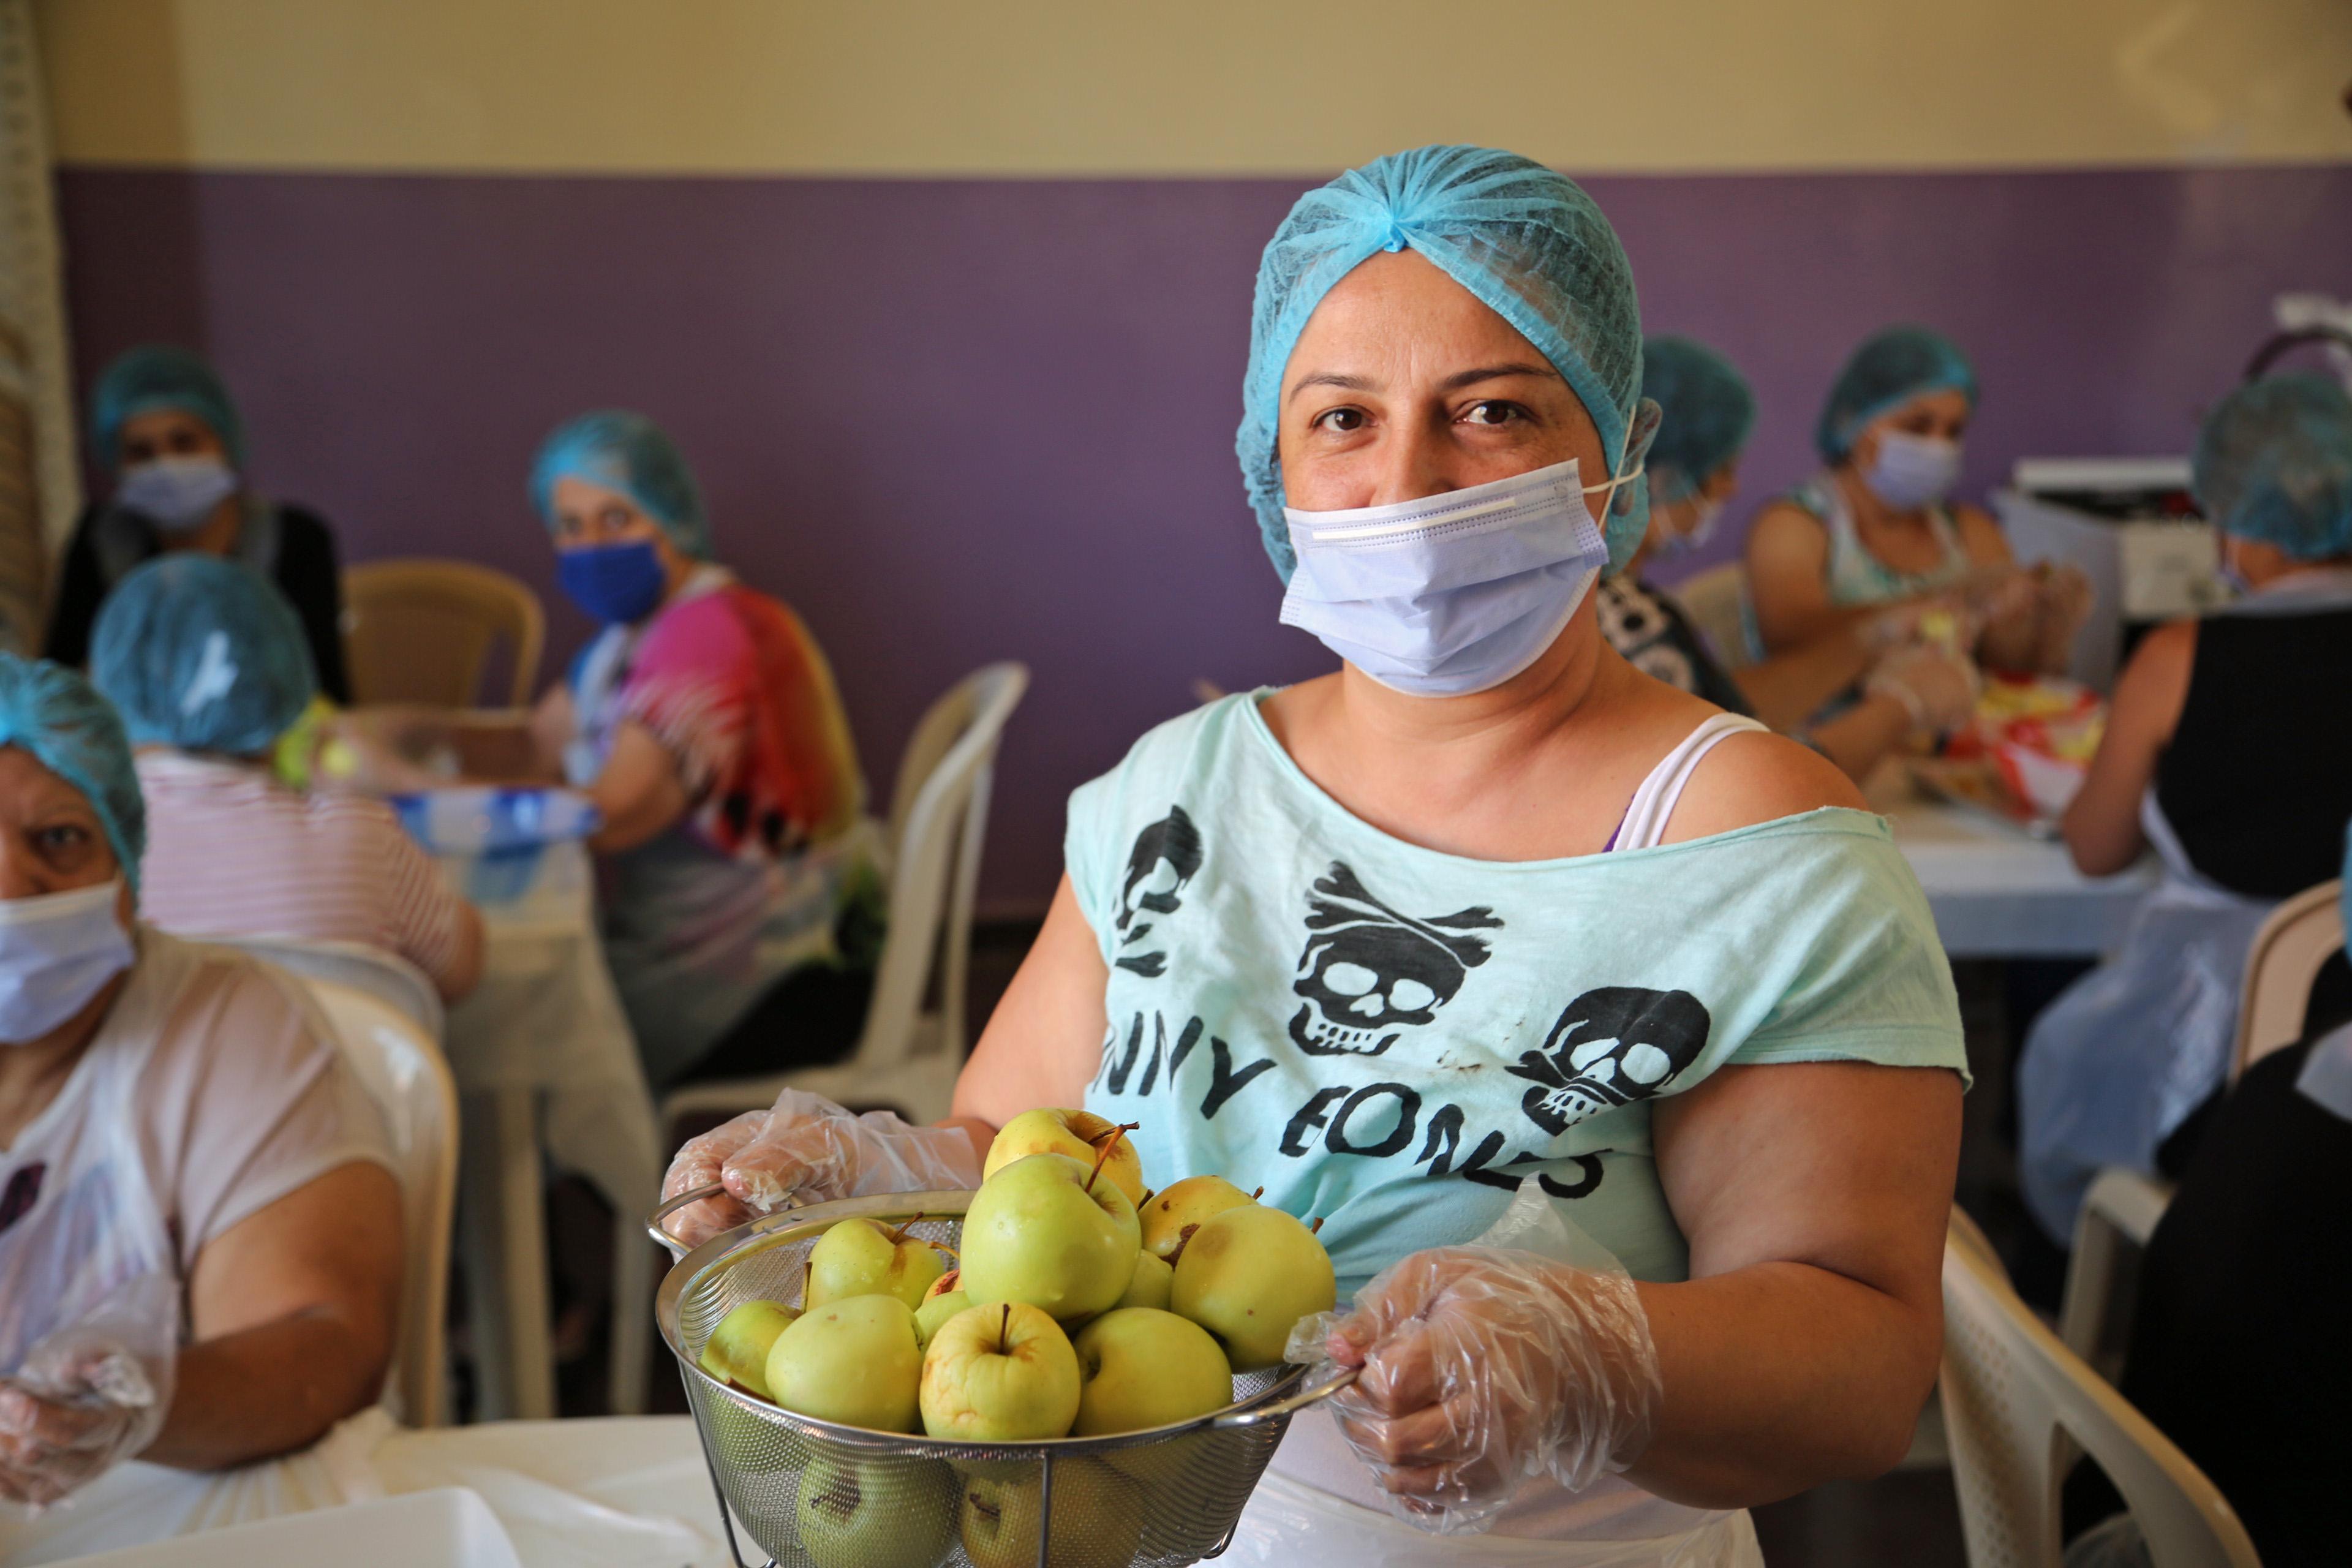 Das vom BMZ unterstützte WFP-Programm zur Resilienzstärkung im Libanon fördert gezielt Frauenkooperativen in der Landwirtschaft.